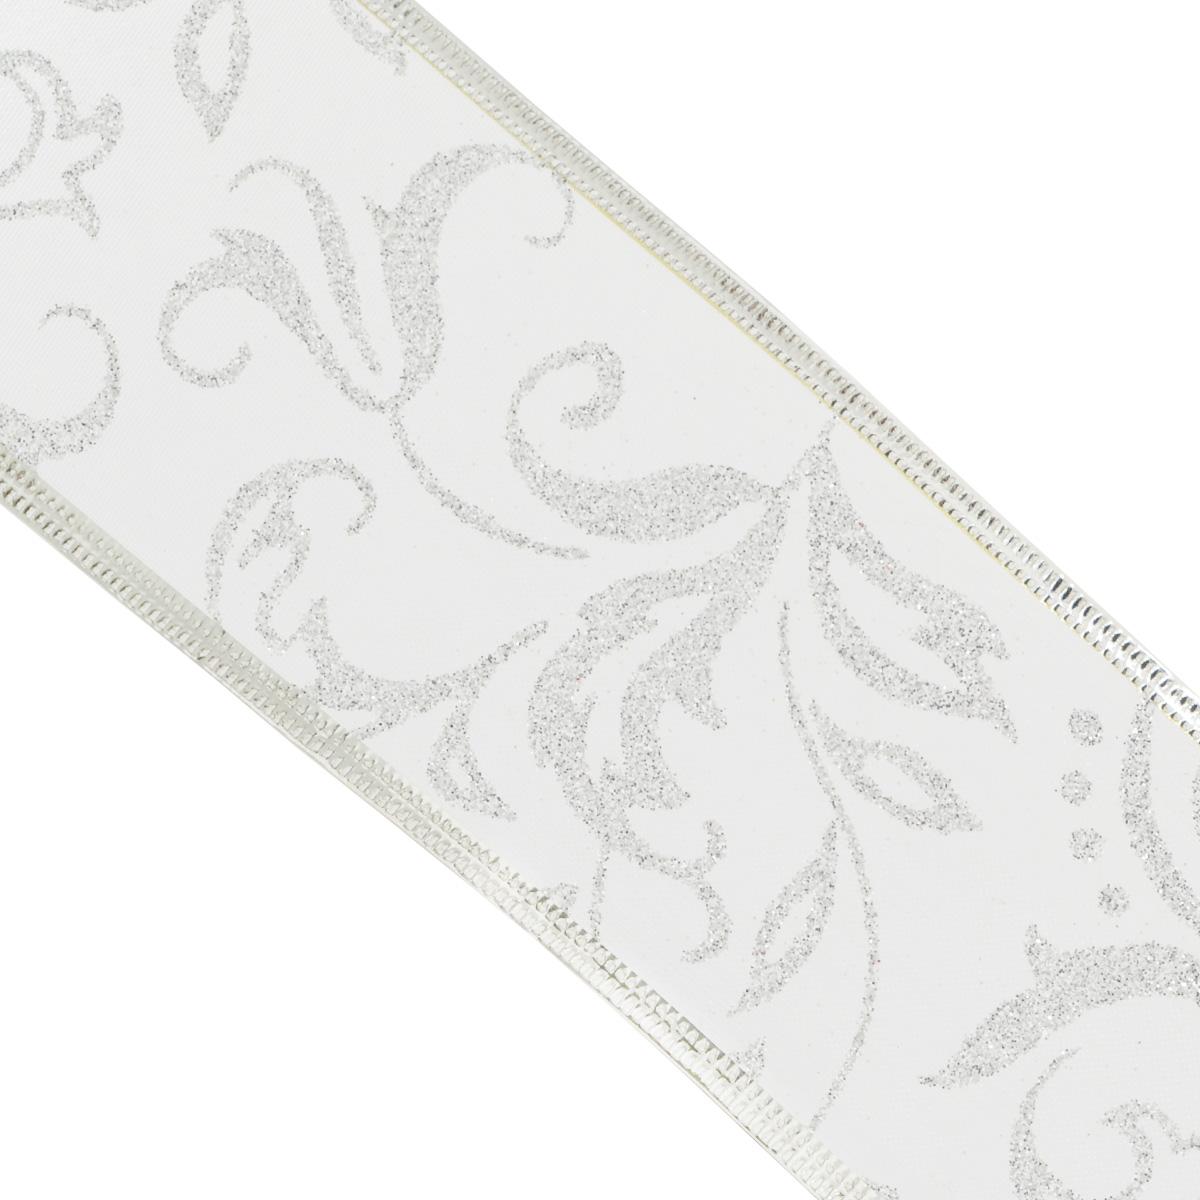 Декоративная лента Феникс-презент, цвет: серебристый, 2,7 м. 3539335393Декоративная лента Феникс-презент выполнена из полиэстера и декорирована оригинальным узором и блестками. В края ленты вставлена проволока, благодаря чему ее легко фиксировать. Лента предназначена для оформления подарочных коробок, пакетов. Кроме того, декоративная лента с успехом применяется для художественного оформления витрин, праздничного оформления помещений, изготовления искусственных цветов. Декоративная лента украсит интерьер вашего дома к любым праздникам.Ширина ленты: 6,3 см.